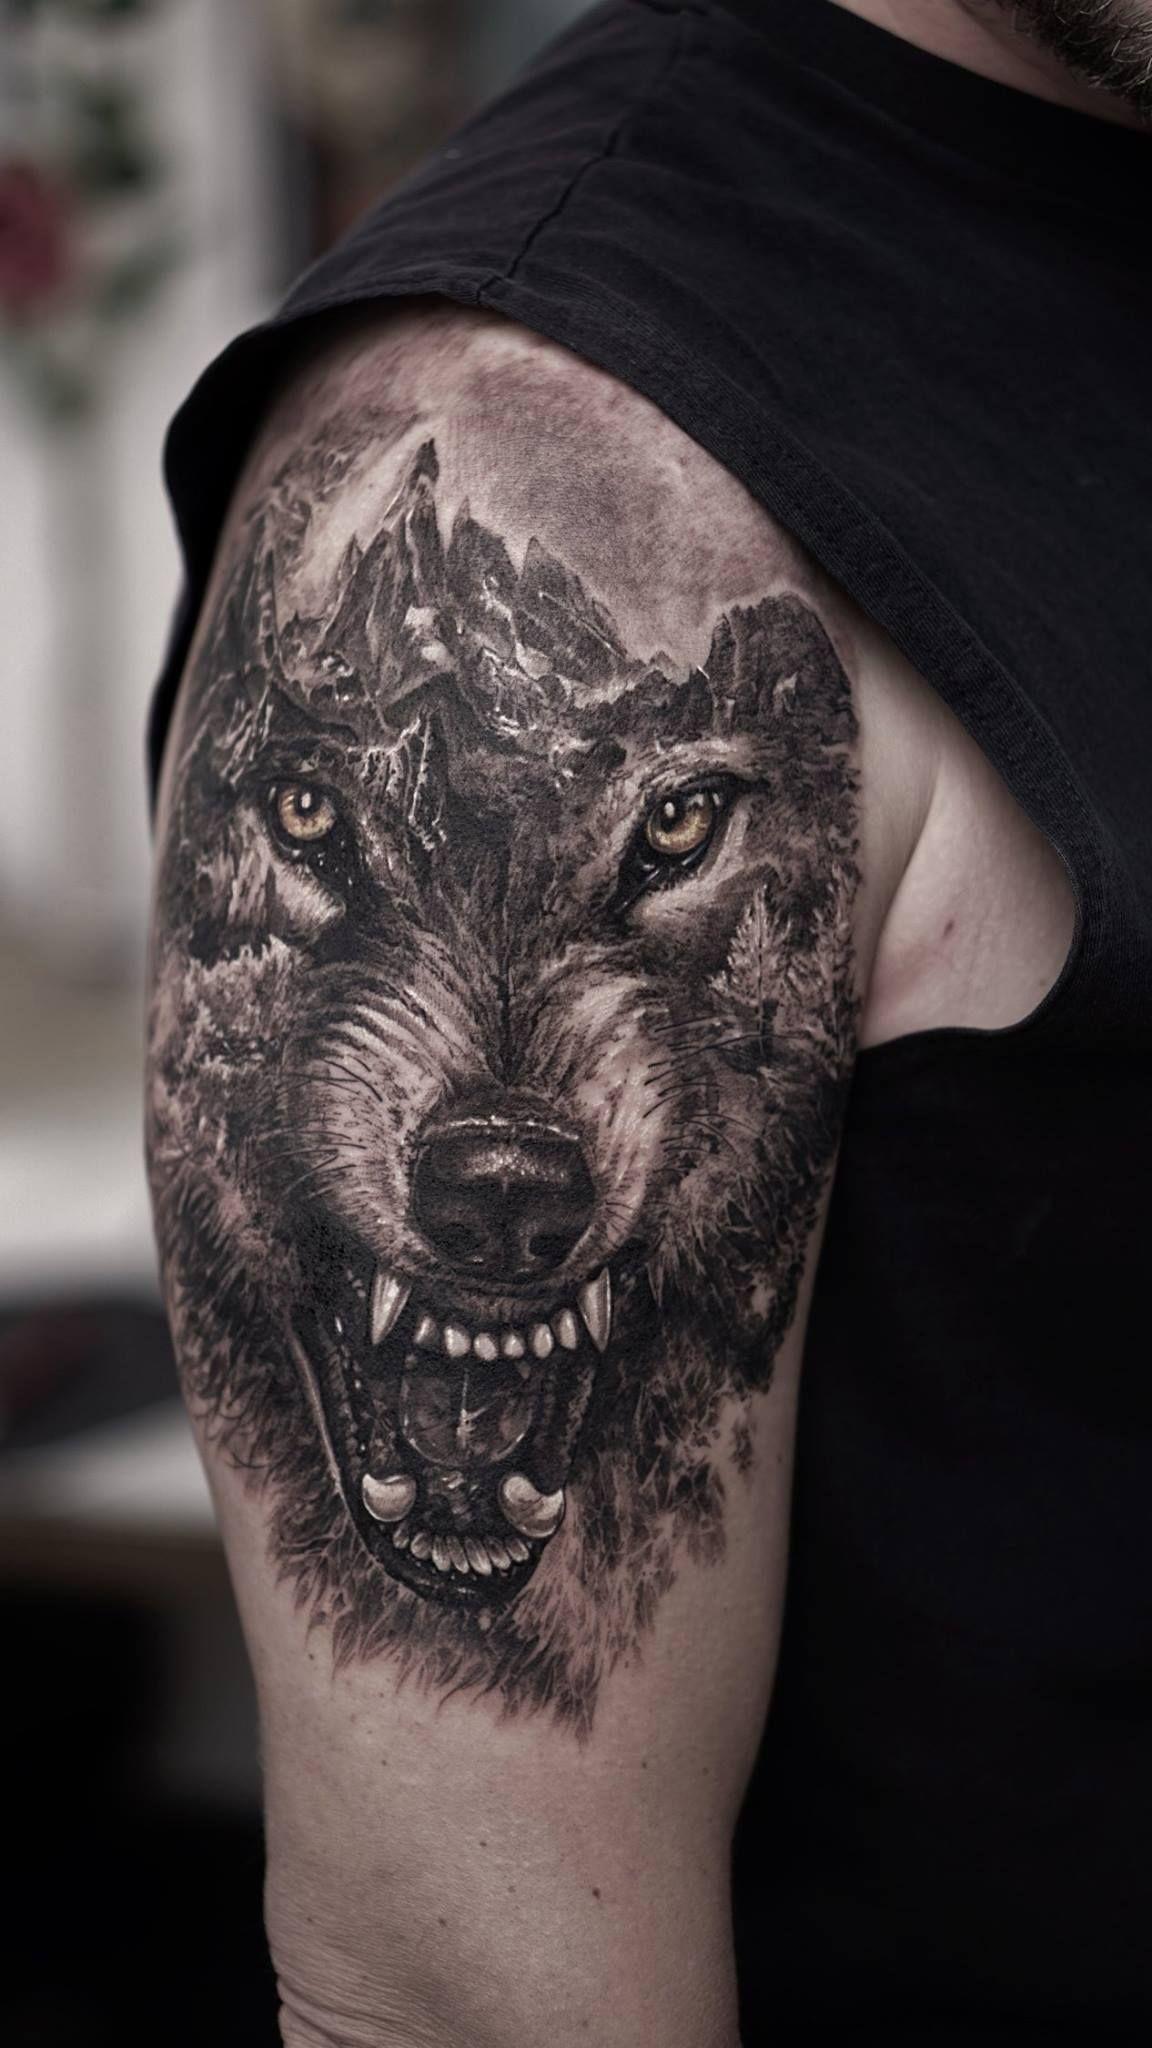 Solo Para Aser Los Tato Mas Perrones Tatuajes De Lobos Tatuajes